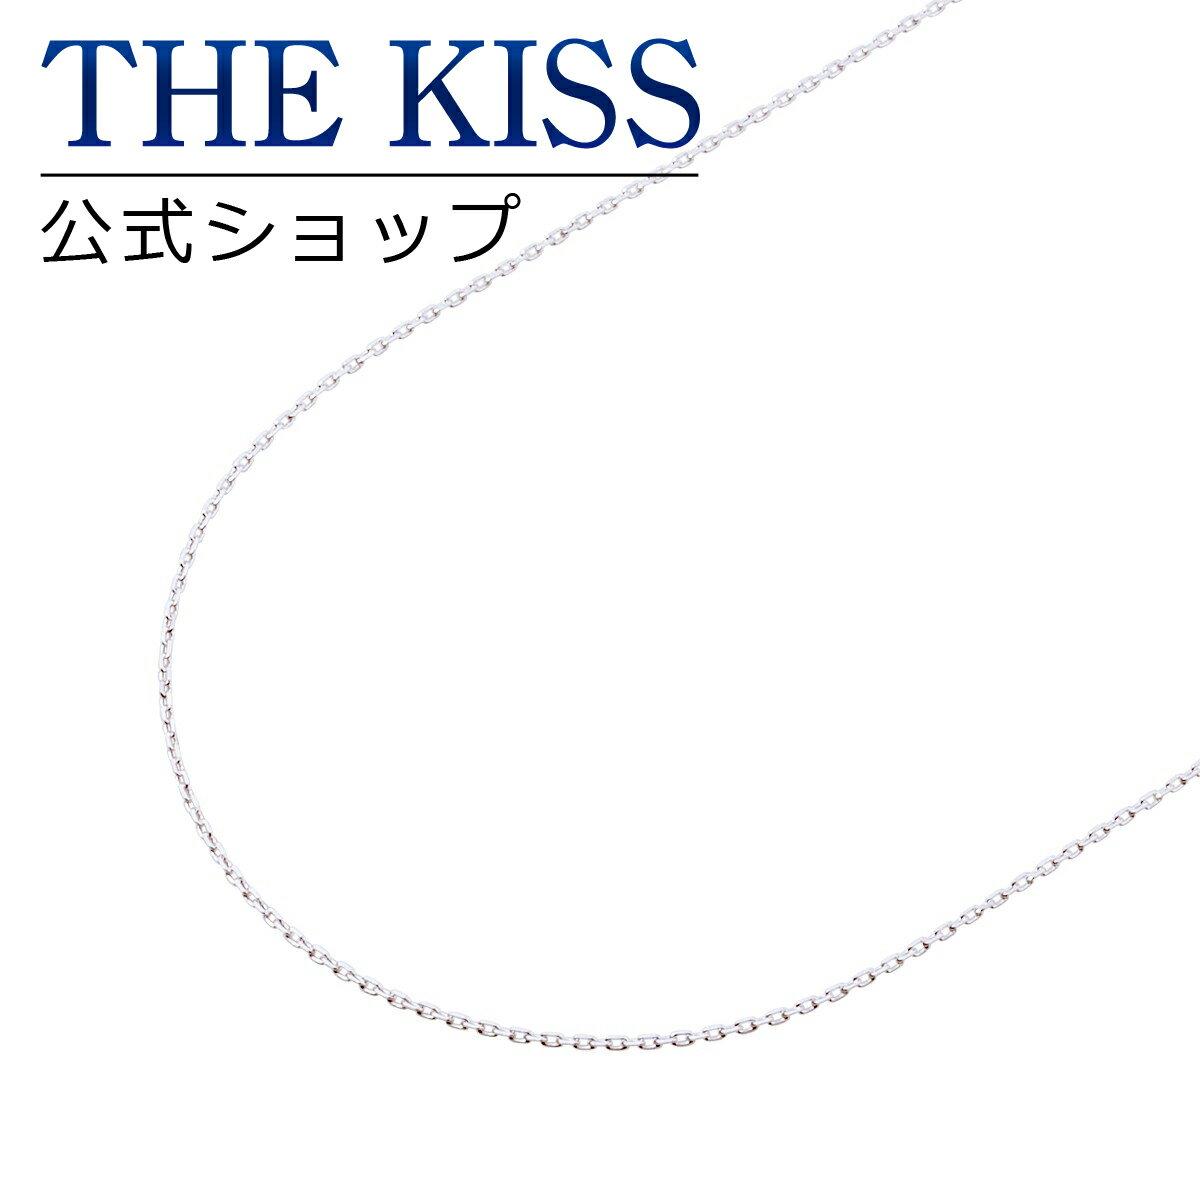 【あす楽対応】THE KISS 公式サイト プレミアムシルバー チェーン カップル に 人気 の ジュエリーブランド THEKISS 記念日 プレゼント PCA30-40 ザキス